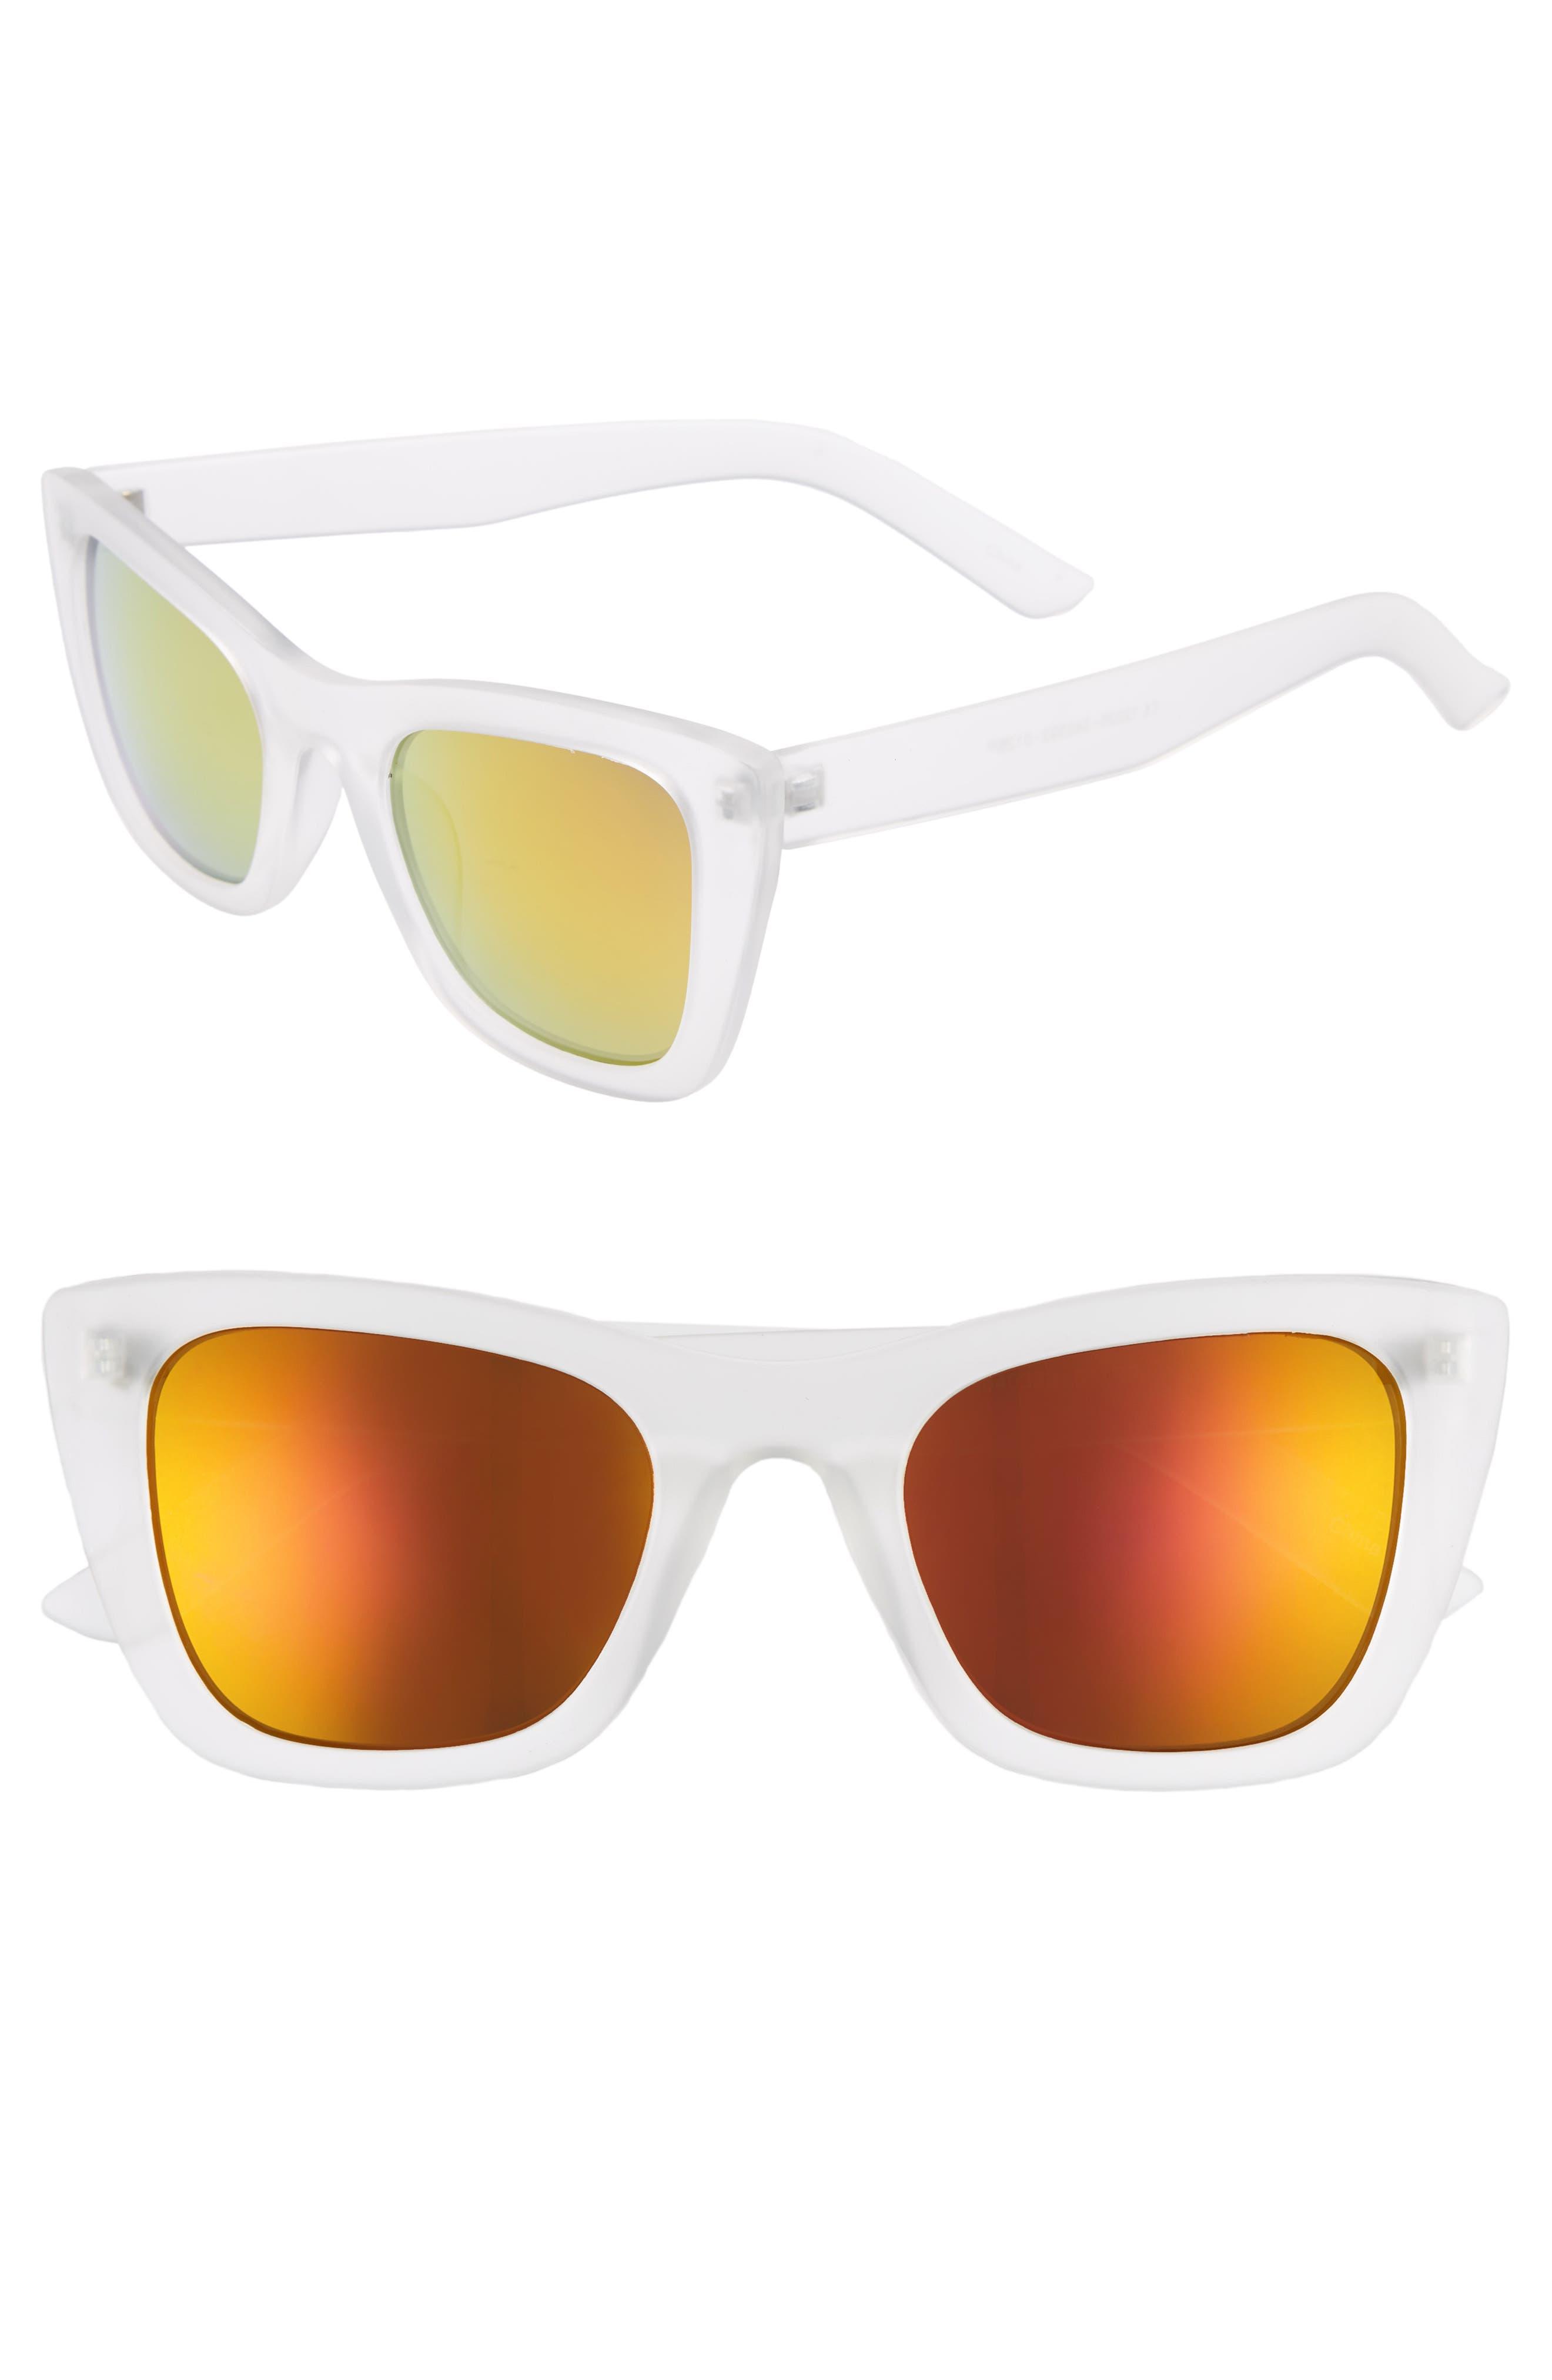 Main Image - BP. 51mm Translucent Square Sunglasses